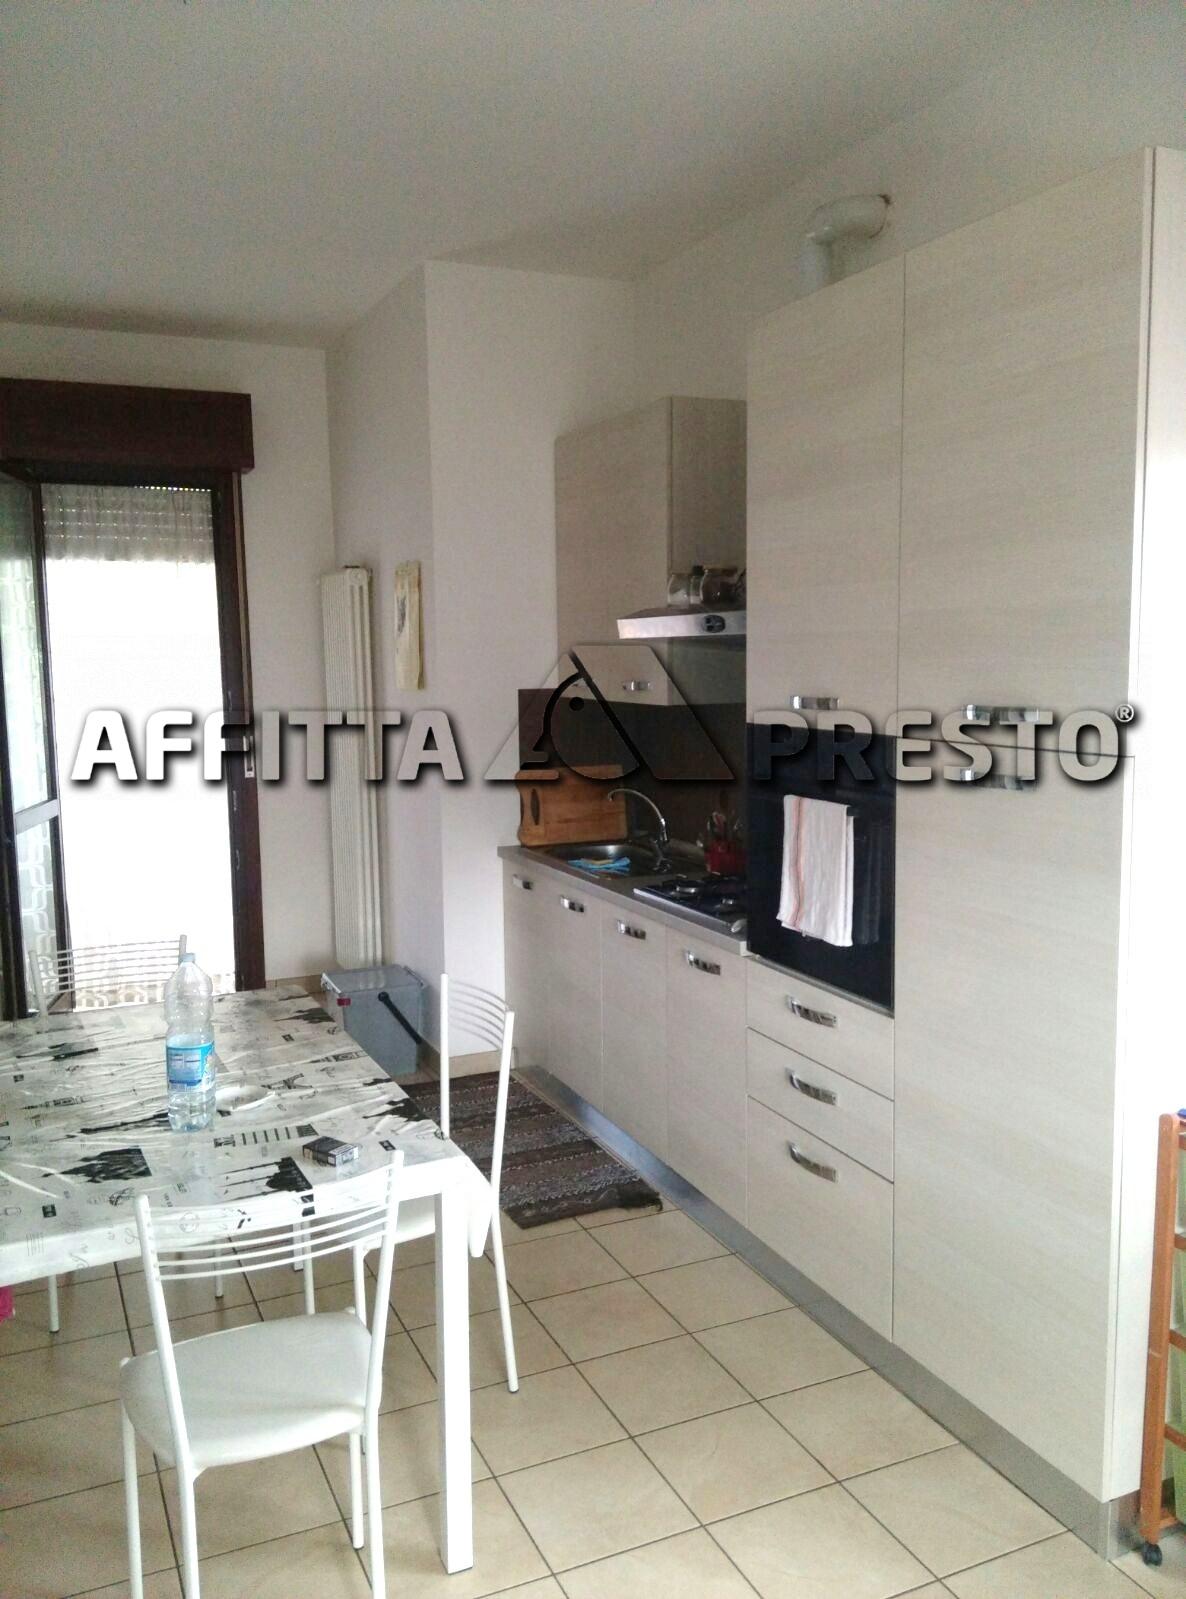 Appartamento in affitto a Cesena, 2 locali, zona Località: SanRocco, prezzo € 480 | Cambio Casa.it